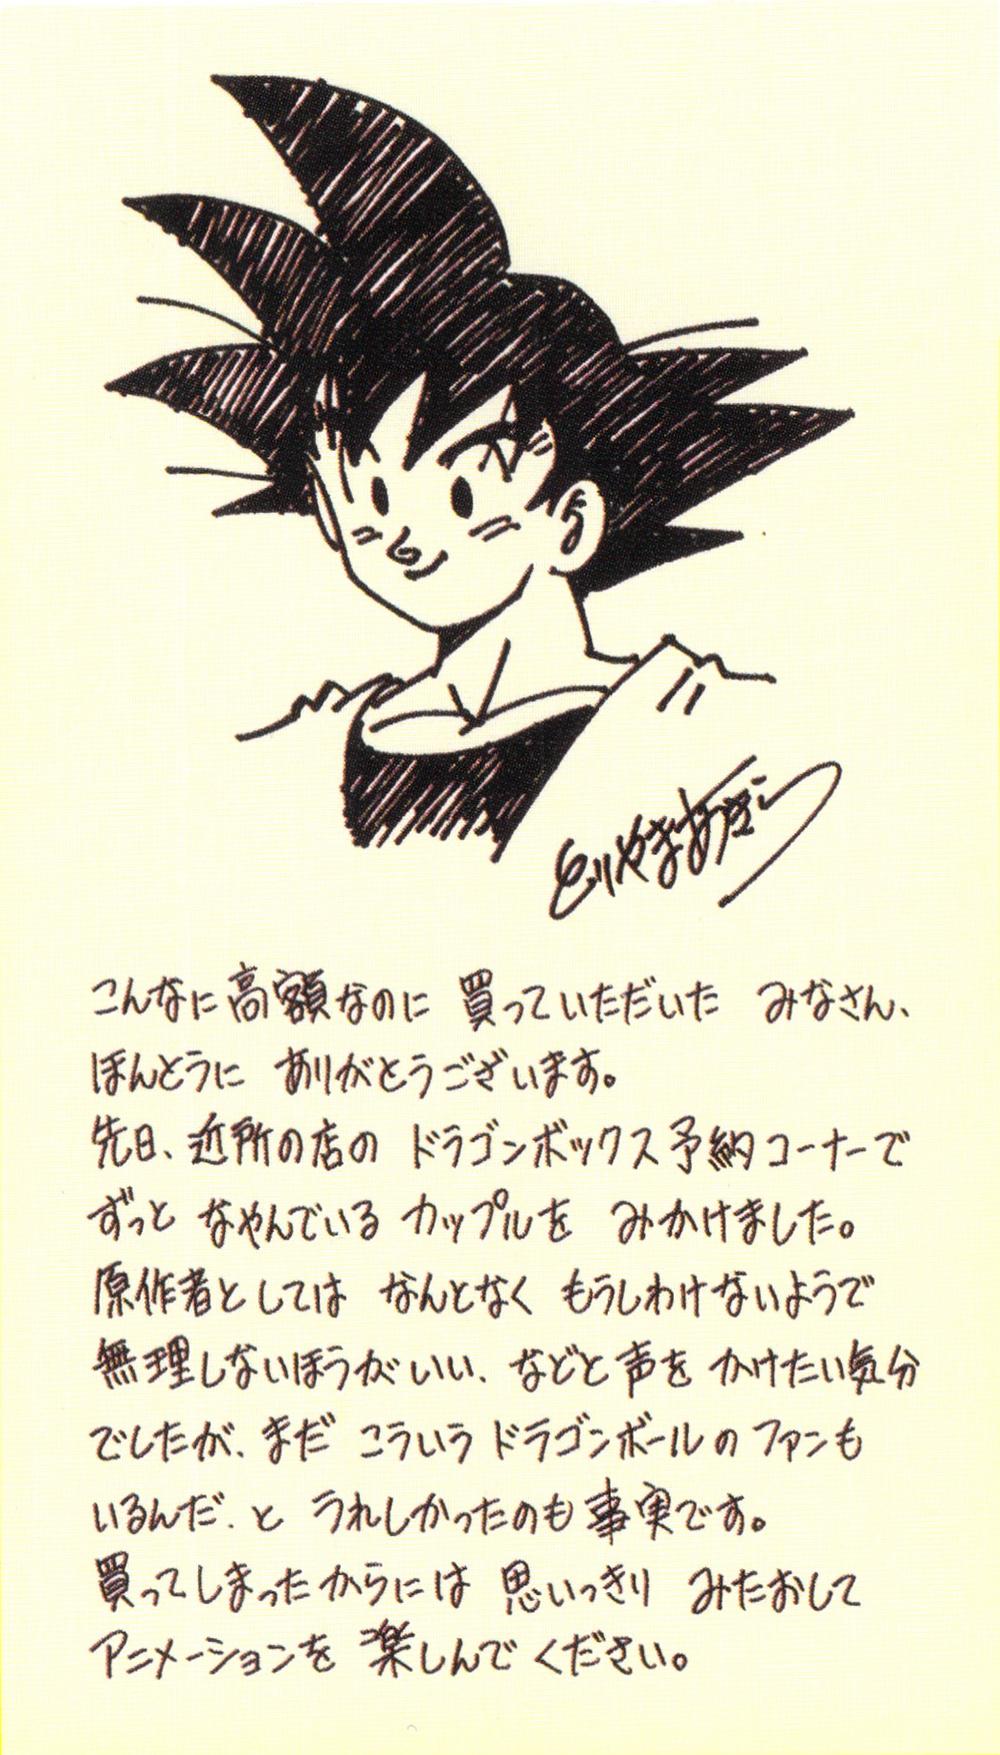 Dragon Ball Z DVD kiadás üzenet és illusztráció